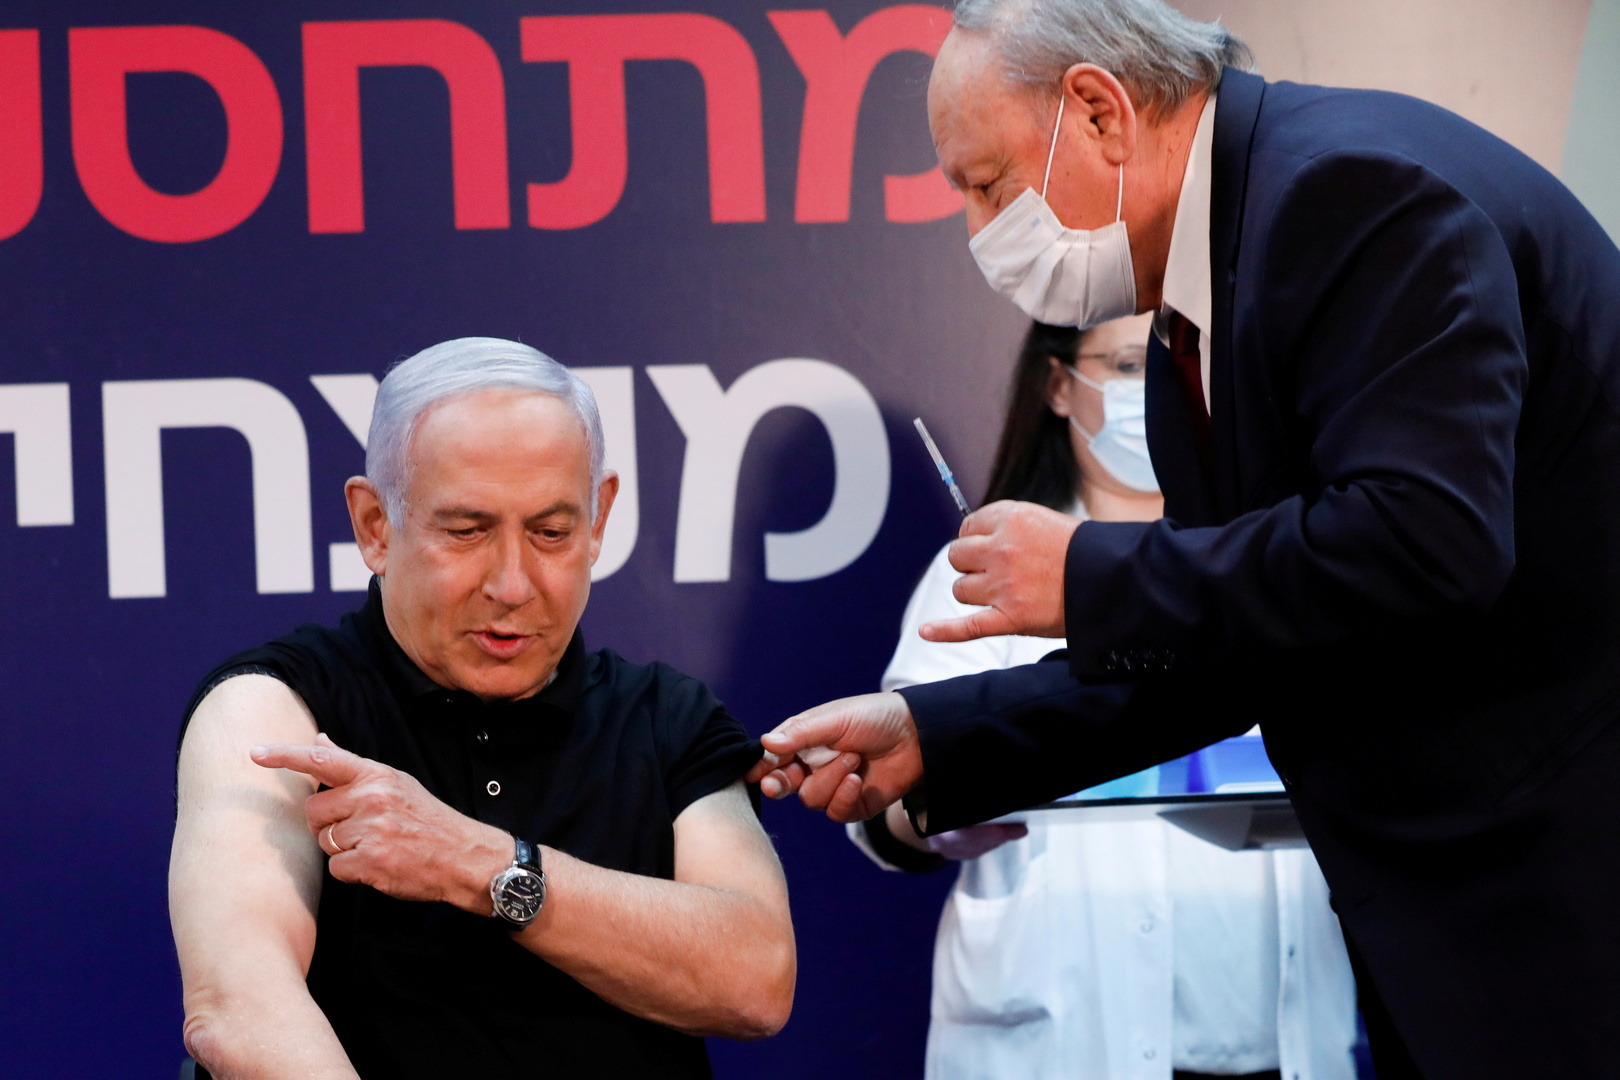 نتنياهو عقب تلقيه الجرعة الثانية من لقاح كورونا: قد يتم تطعيم كل الإسرائيليين في غضون شهرين